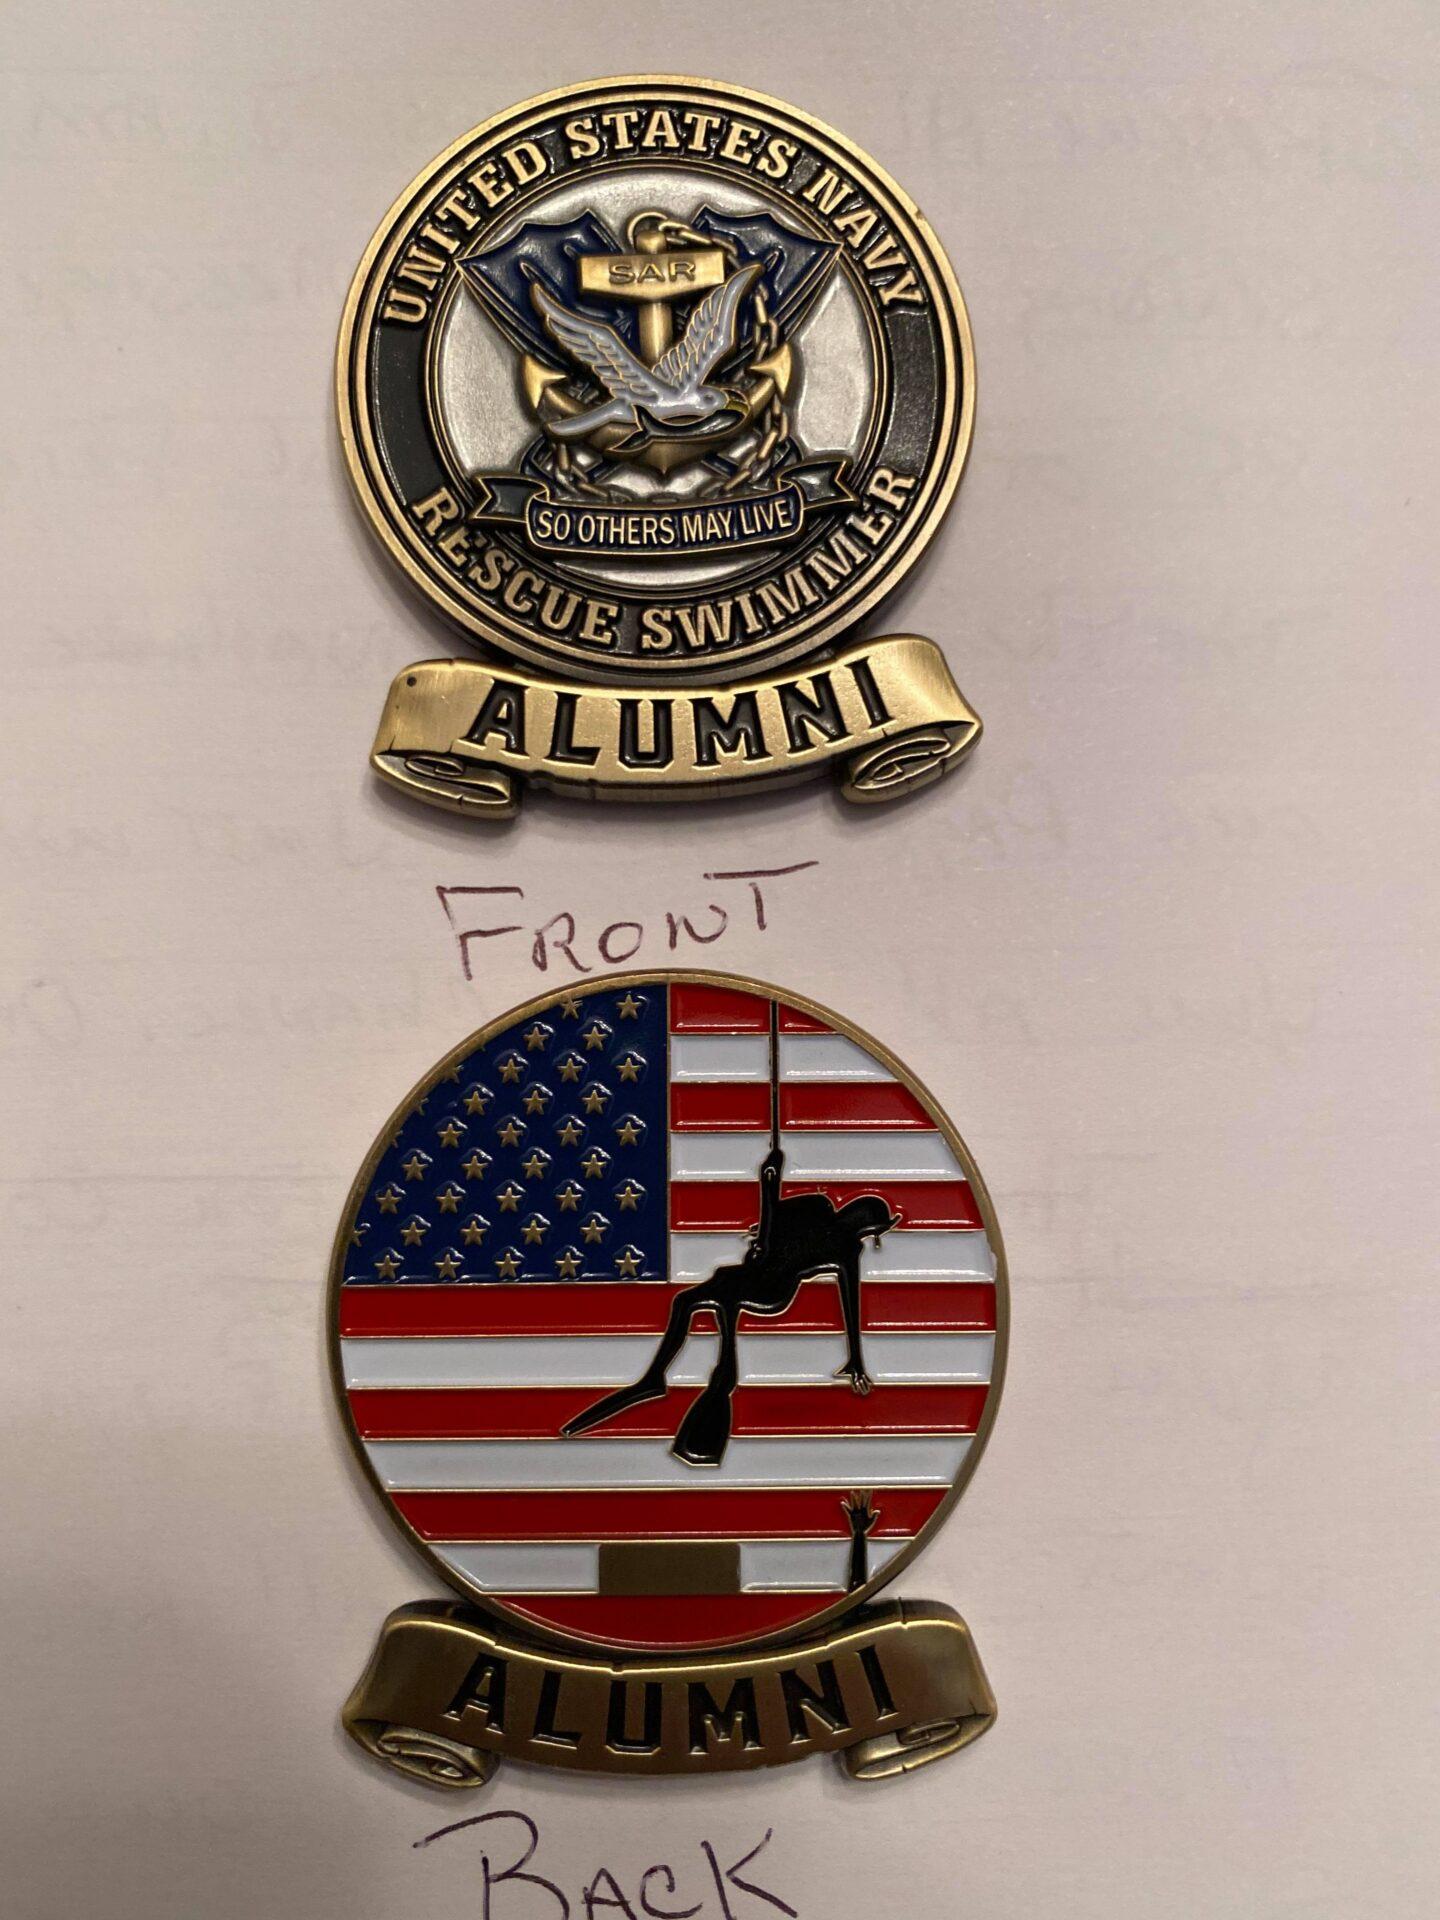 Navy rescue swimmer alumni coins.